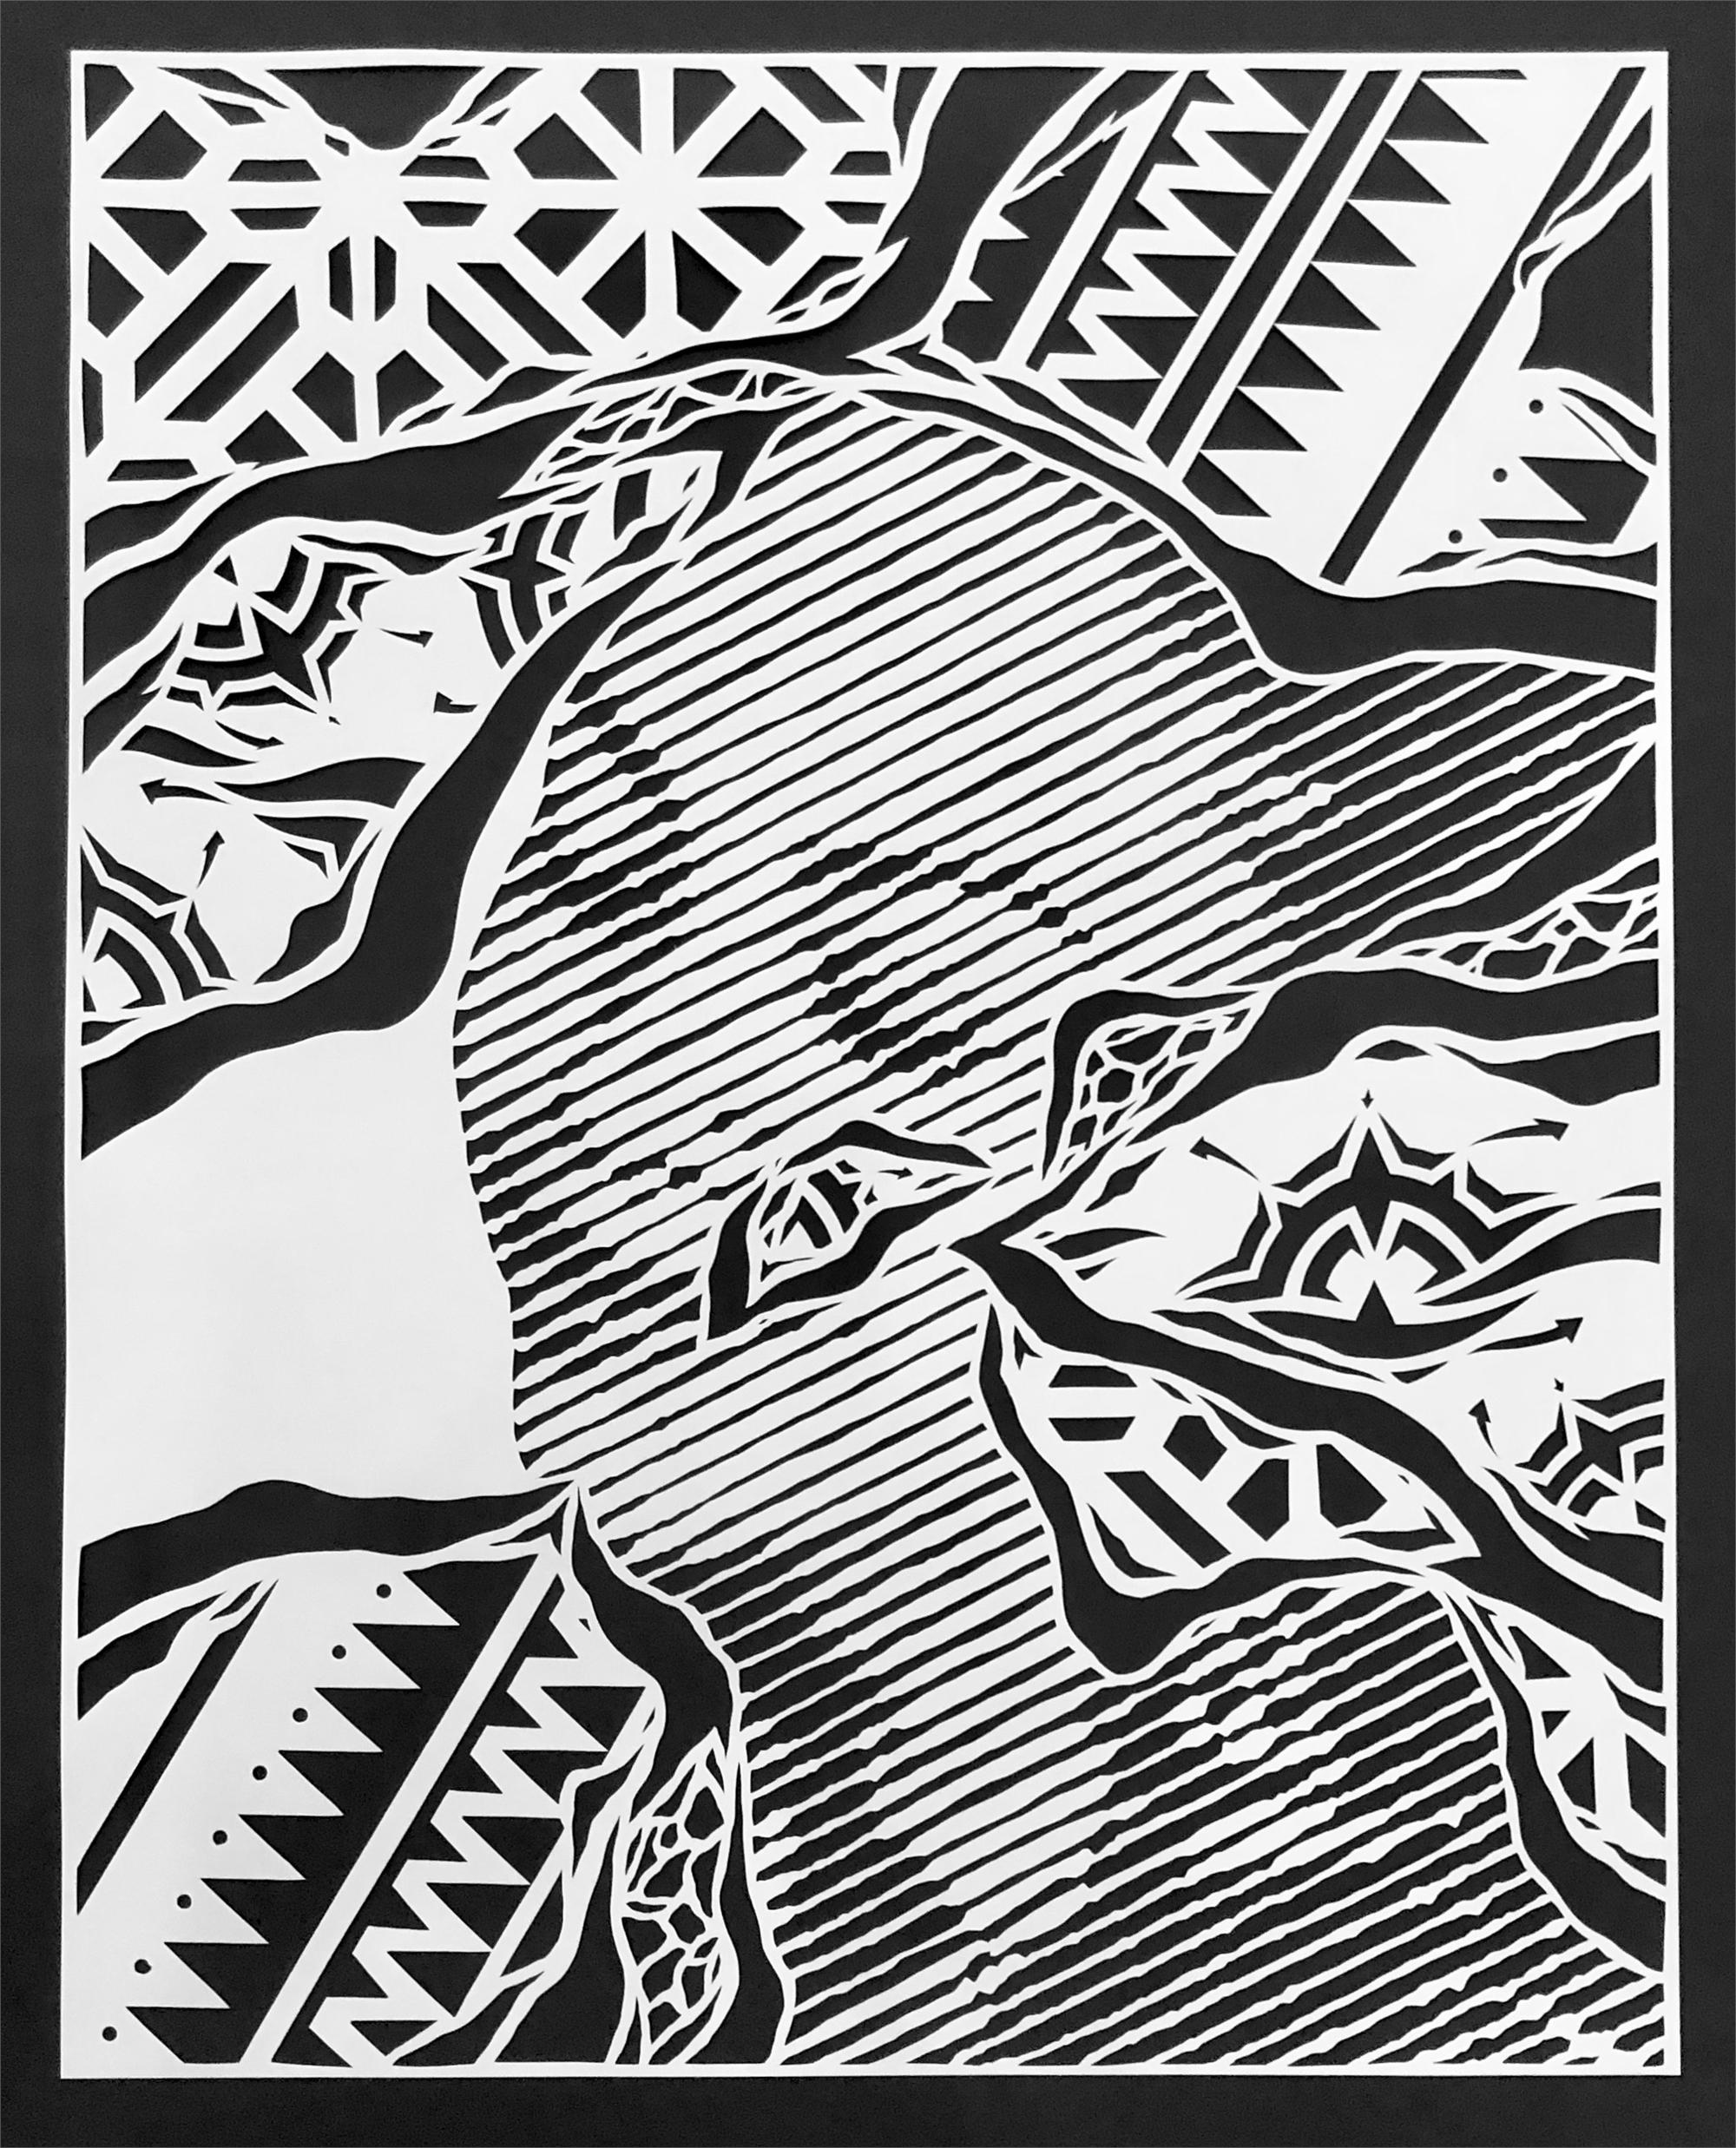 Mana Wahine #2 Hāwane by Ian Kuali'i